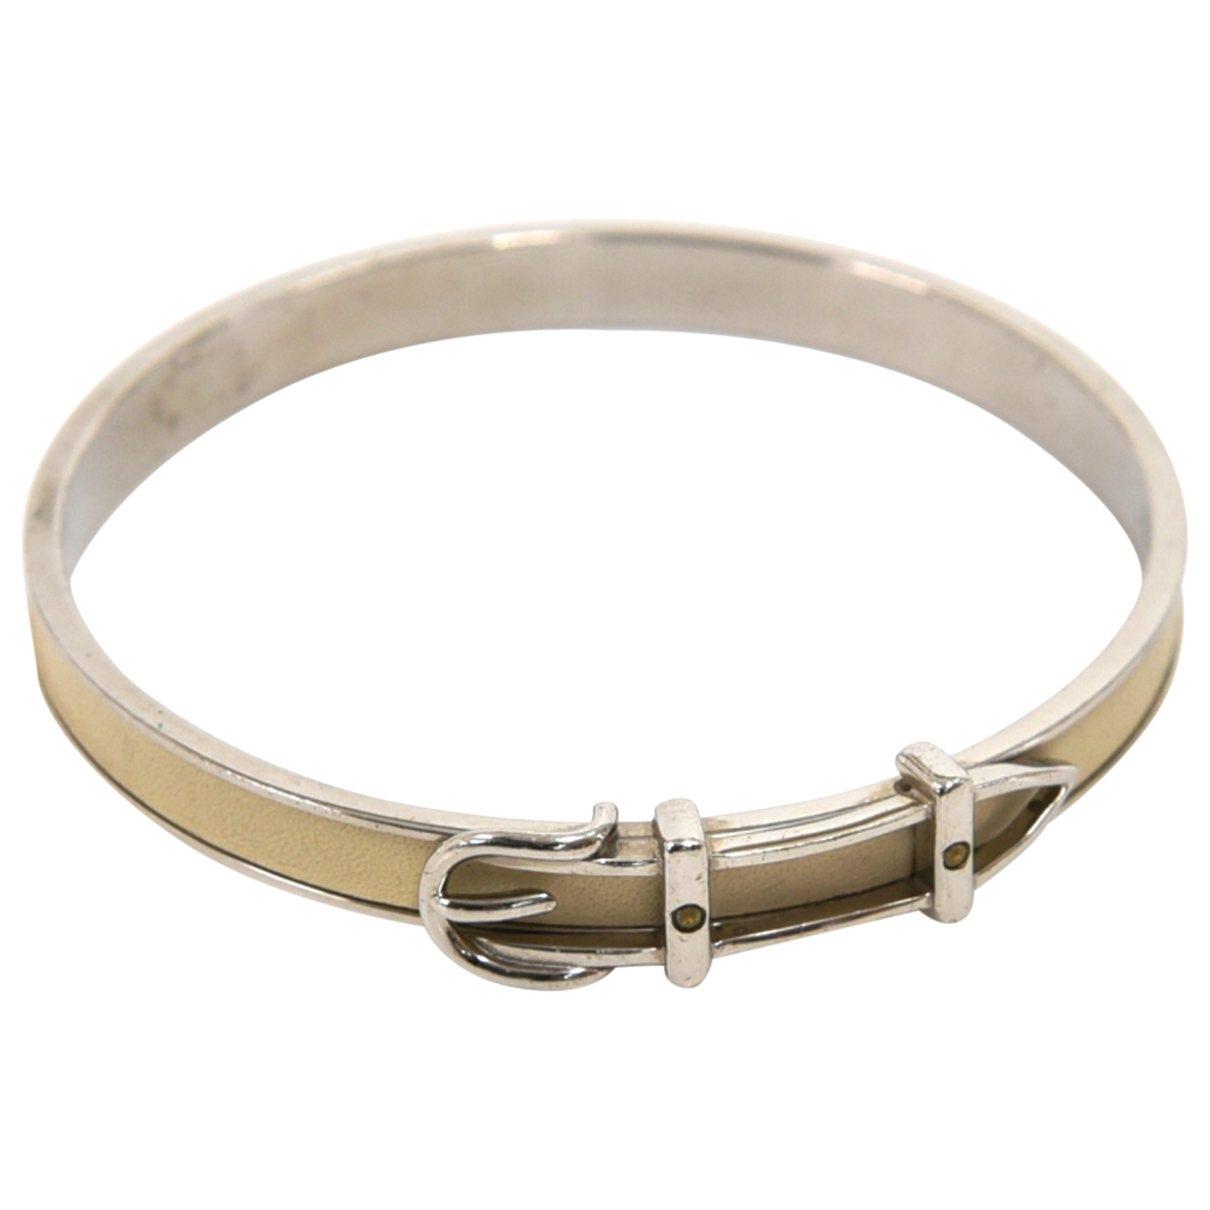 Hermes - Bracelet Ceinture pour femme en cuir - argente